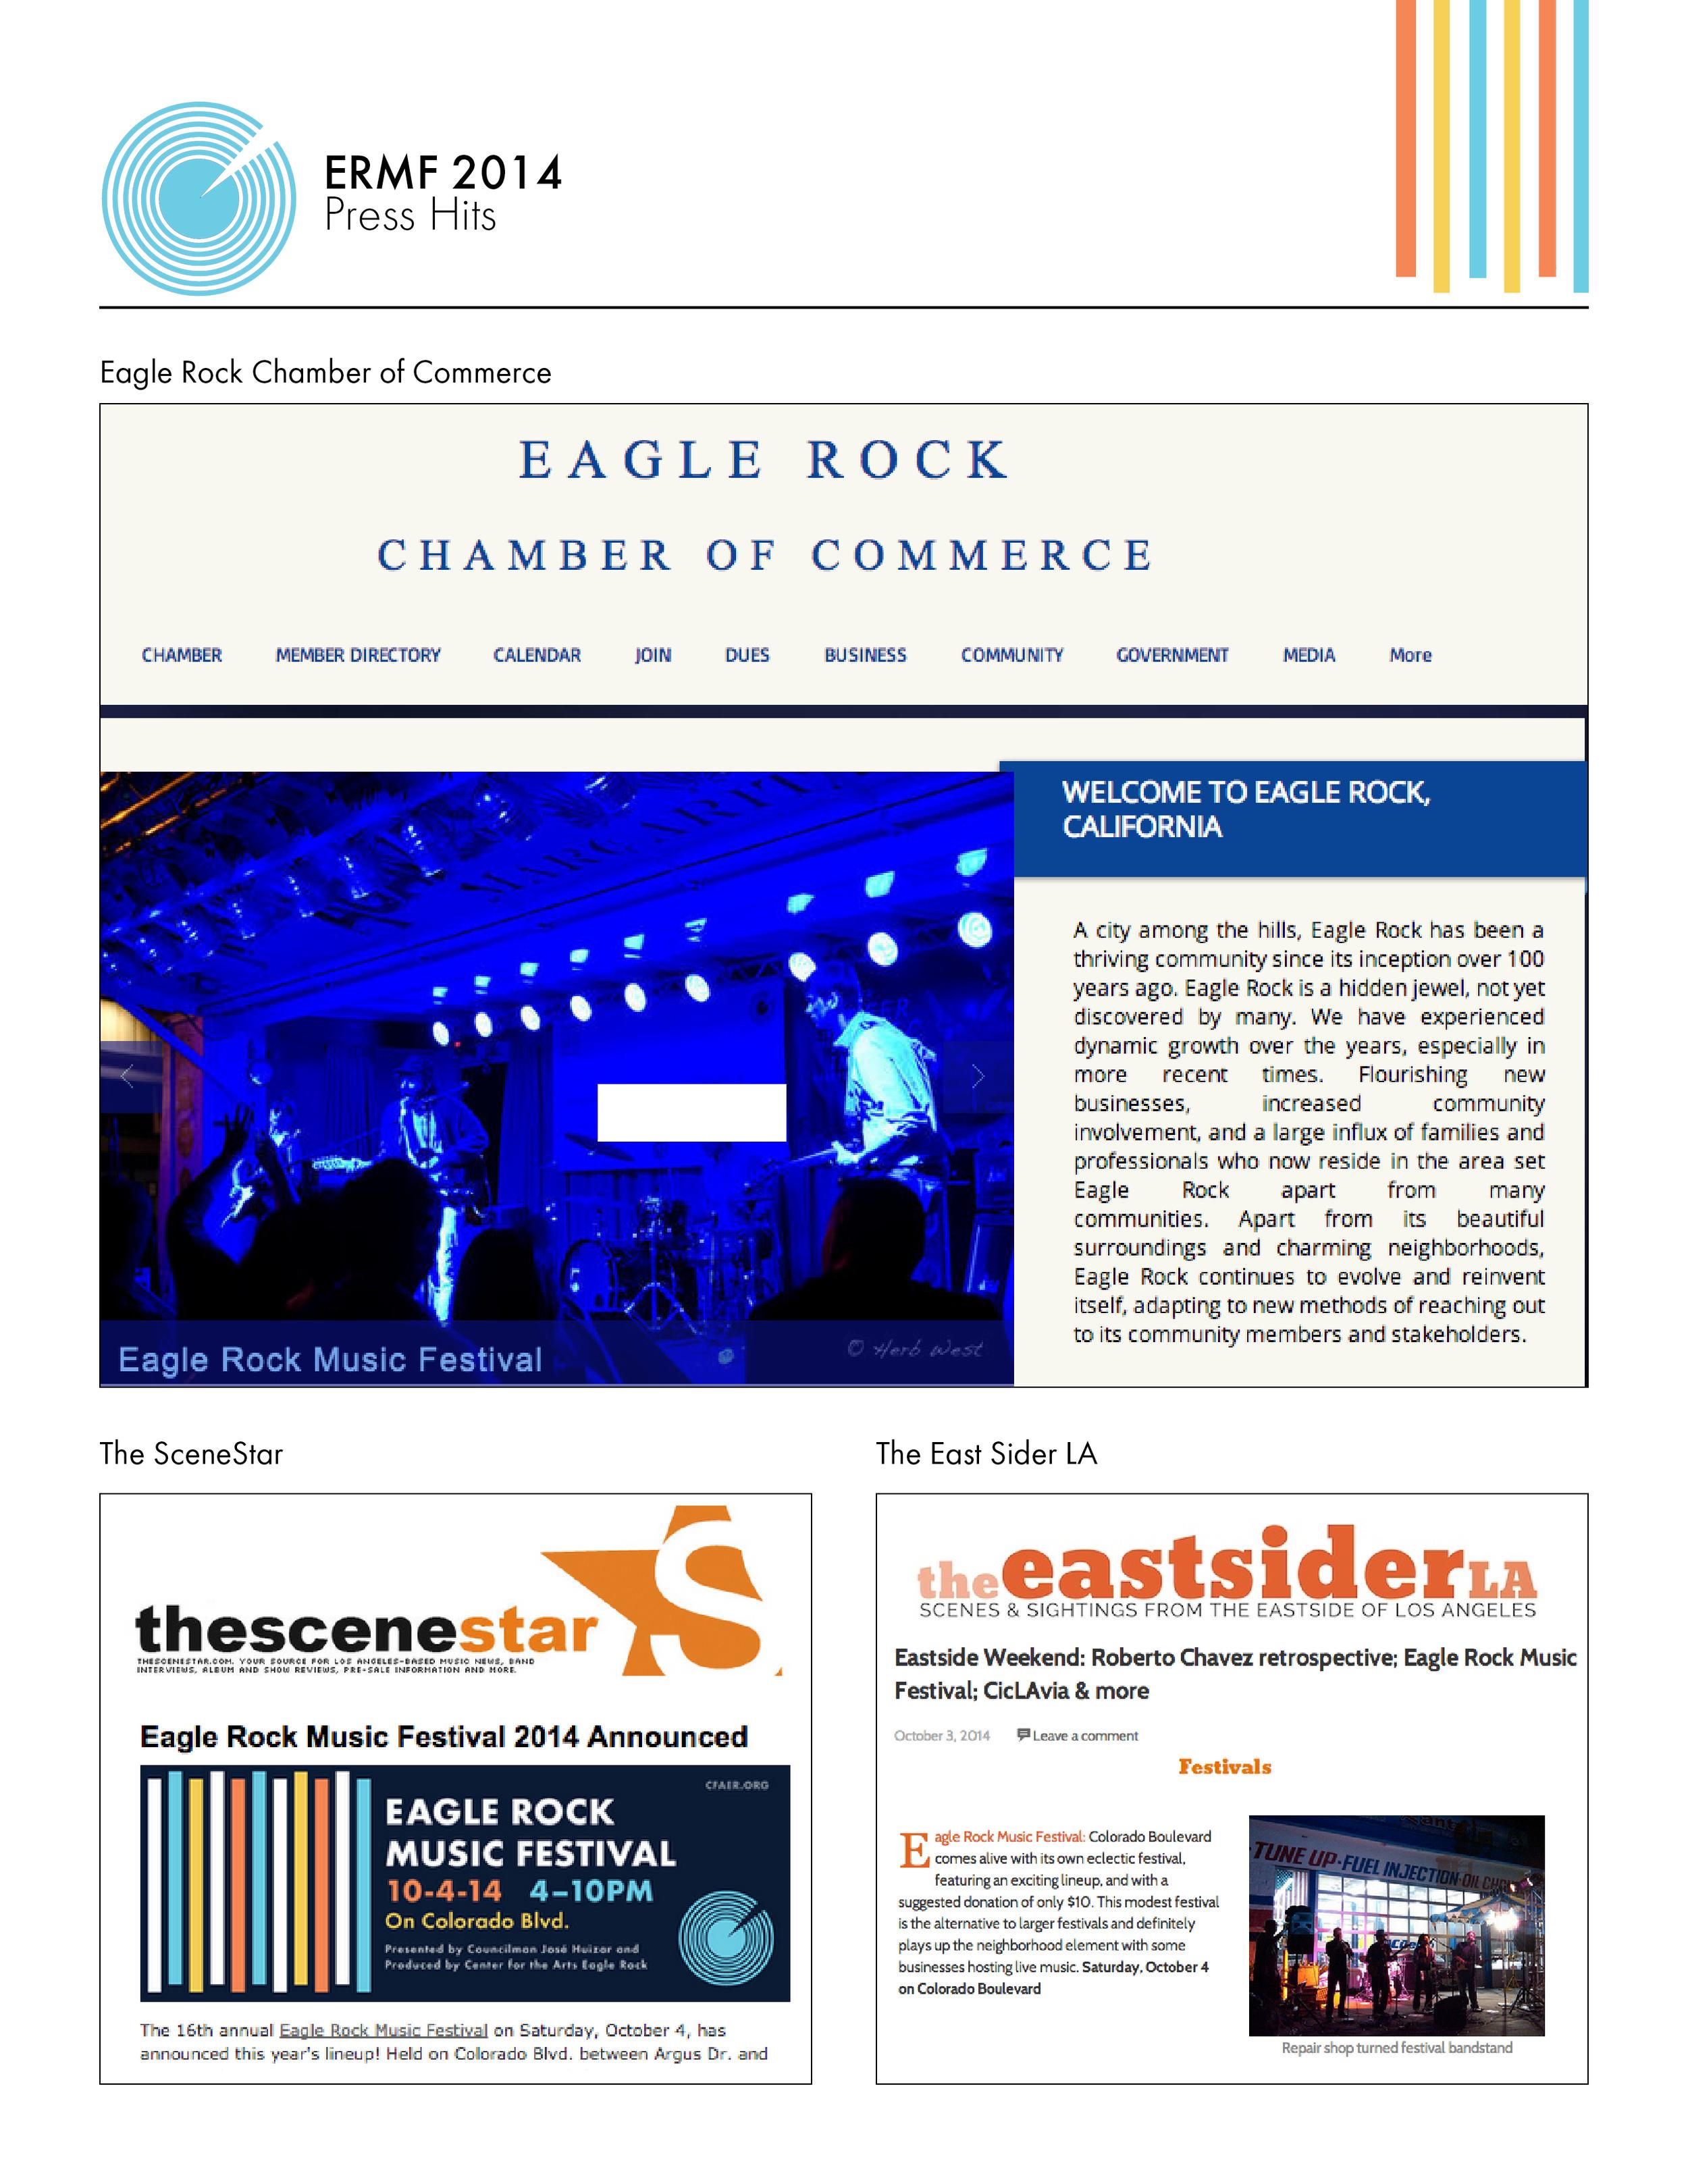 ERMF_ROI_2014_Website7.jpg